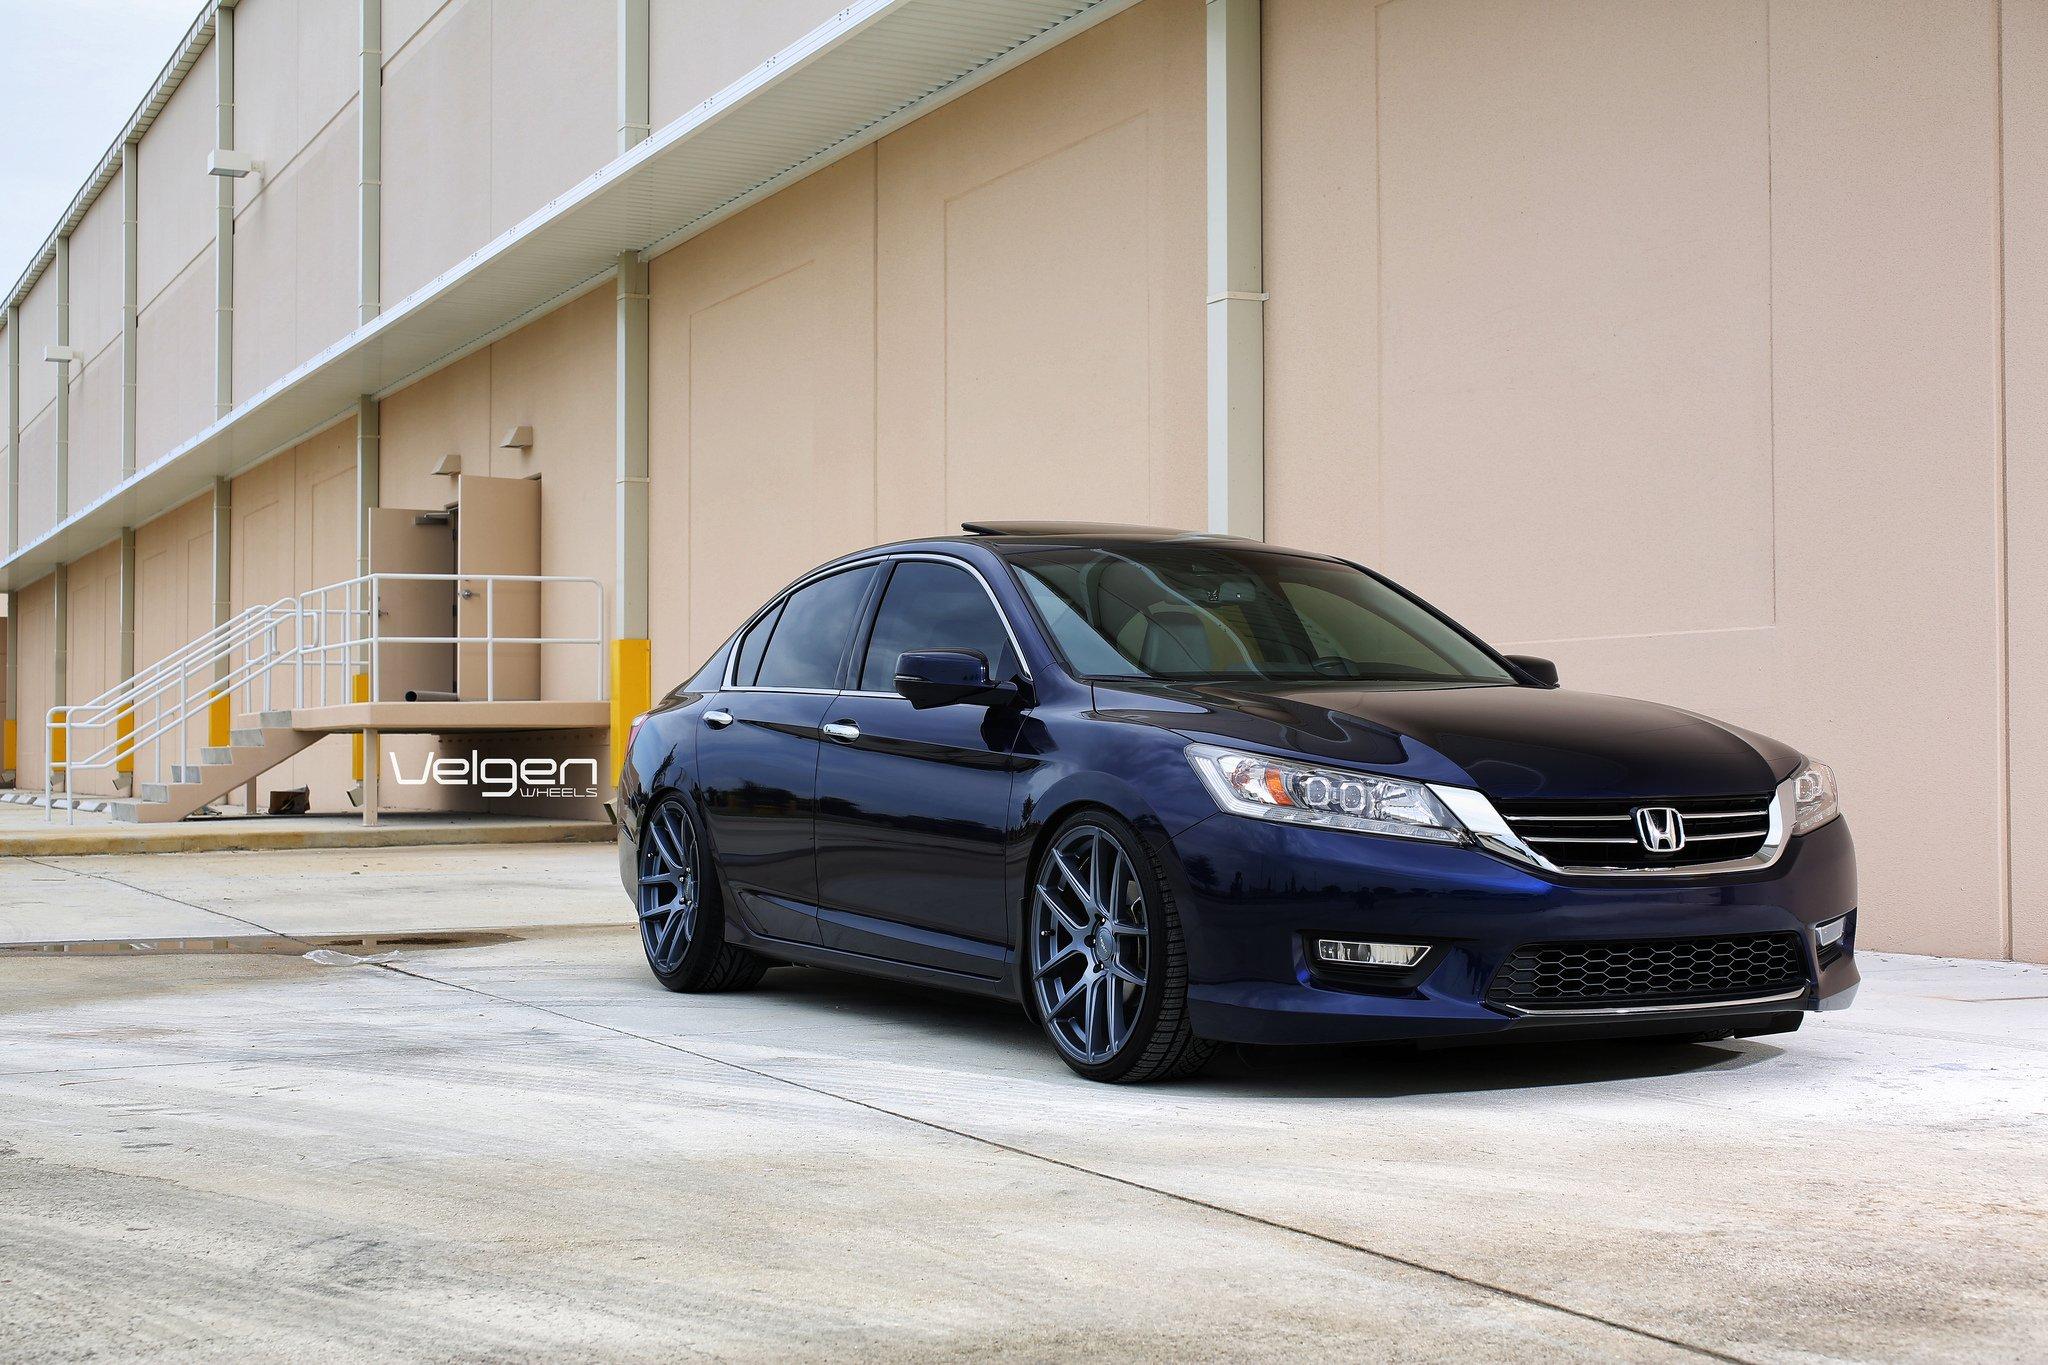 Honda Accord Coupe Sedan Wheels Tuning Japan Cars